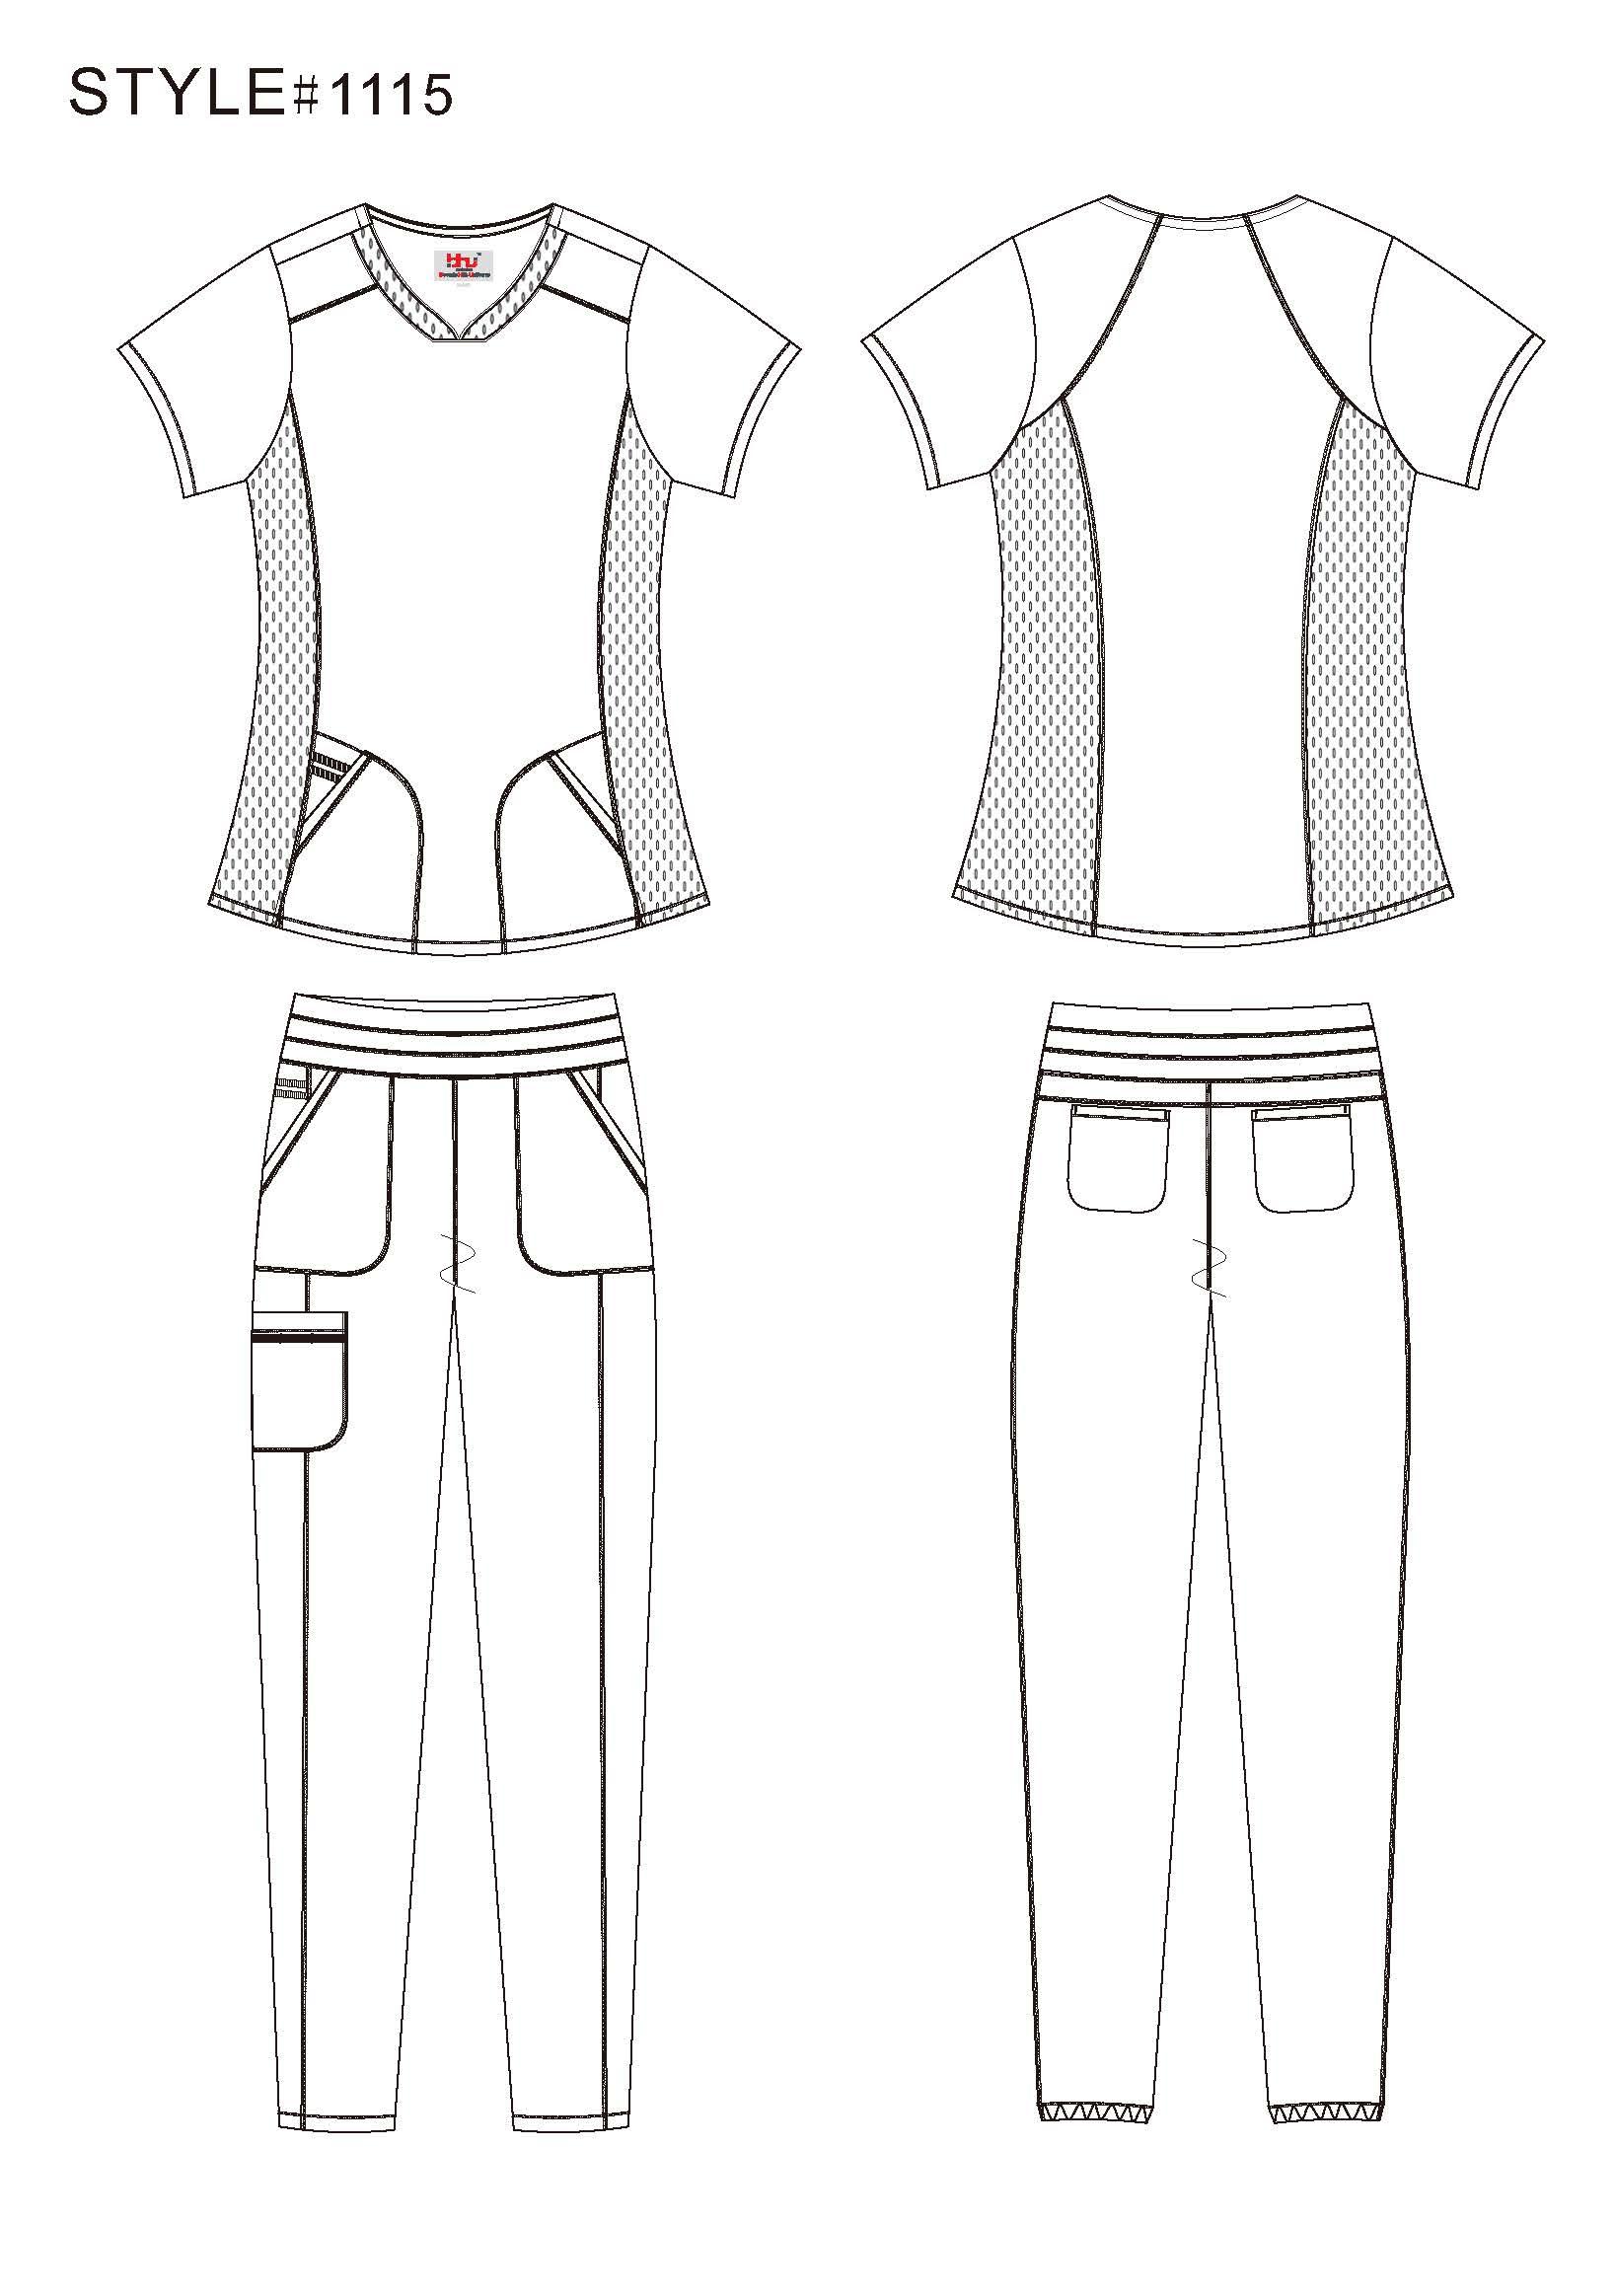 1115 sketch